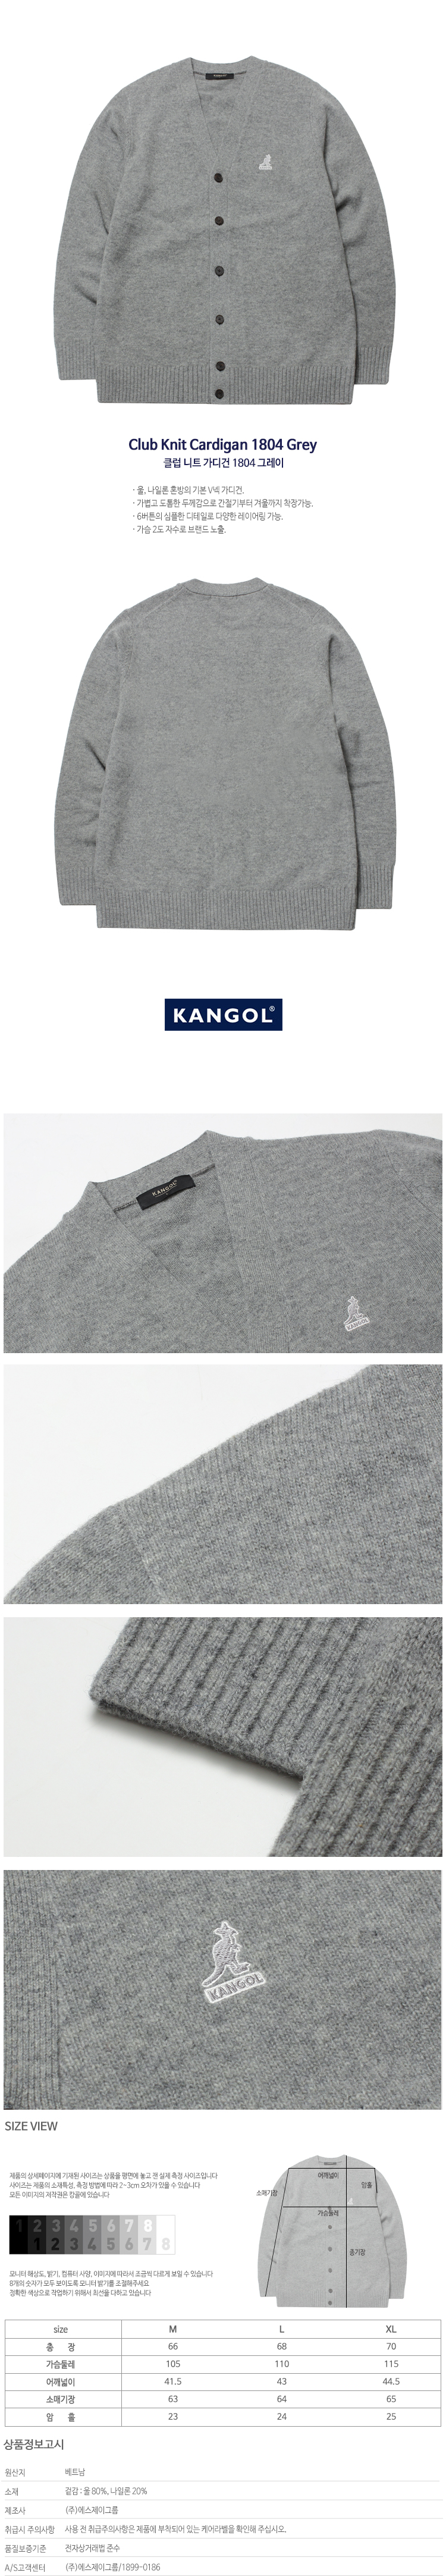 캉골(KANGOL) Club Knit Cardigan 1804 GREY